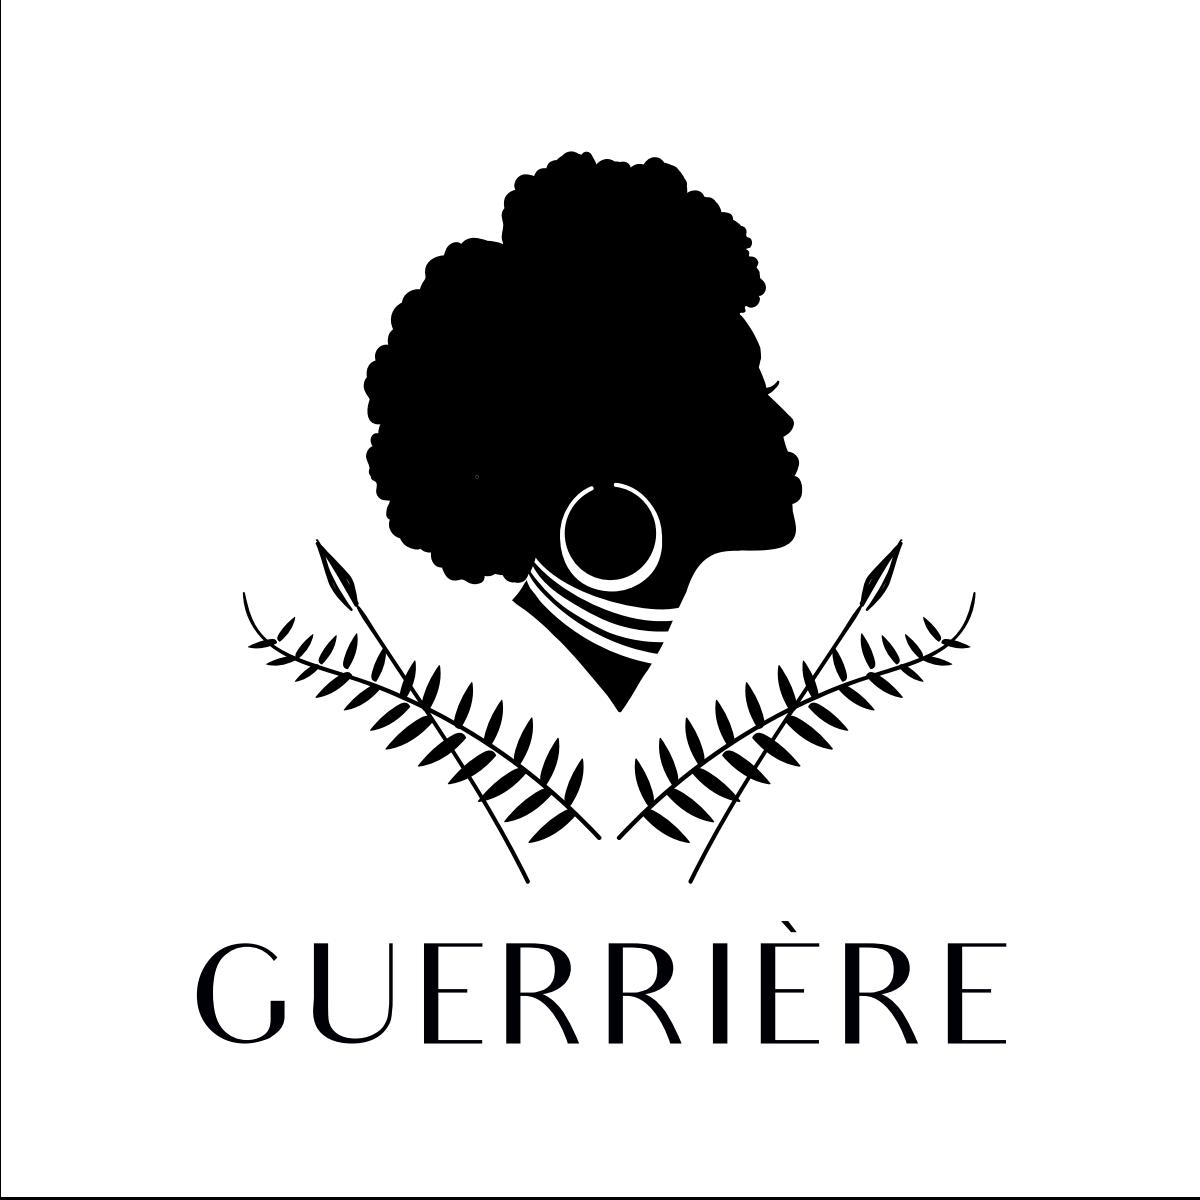 logo and brandguide update